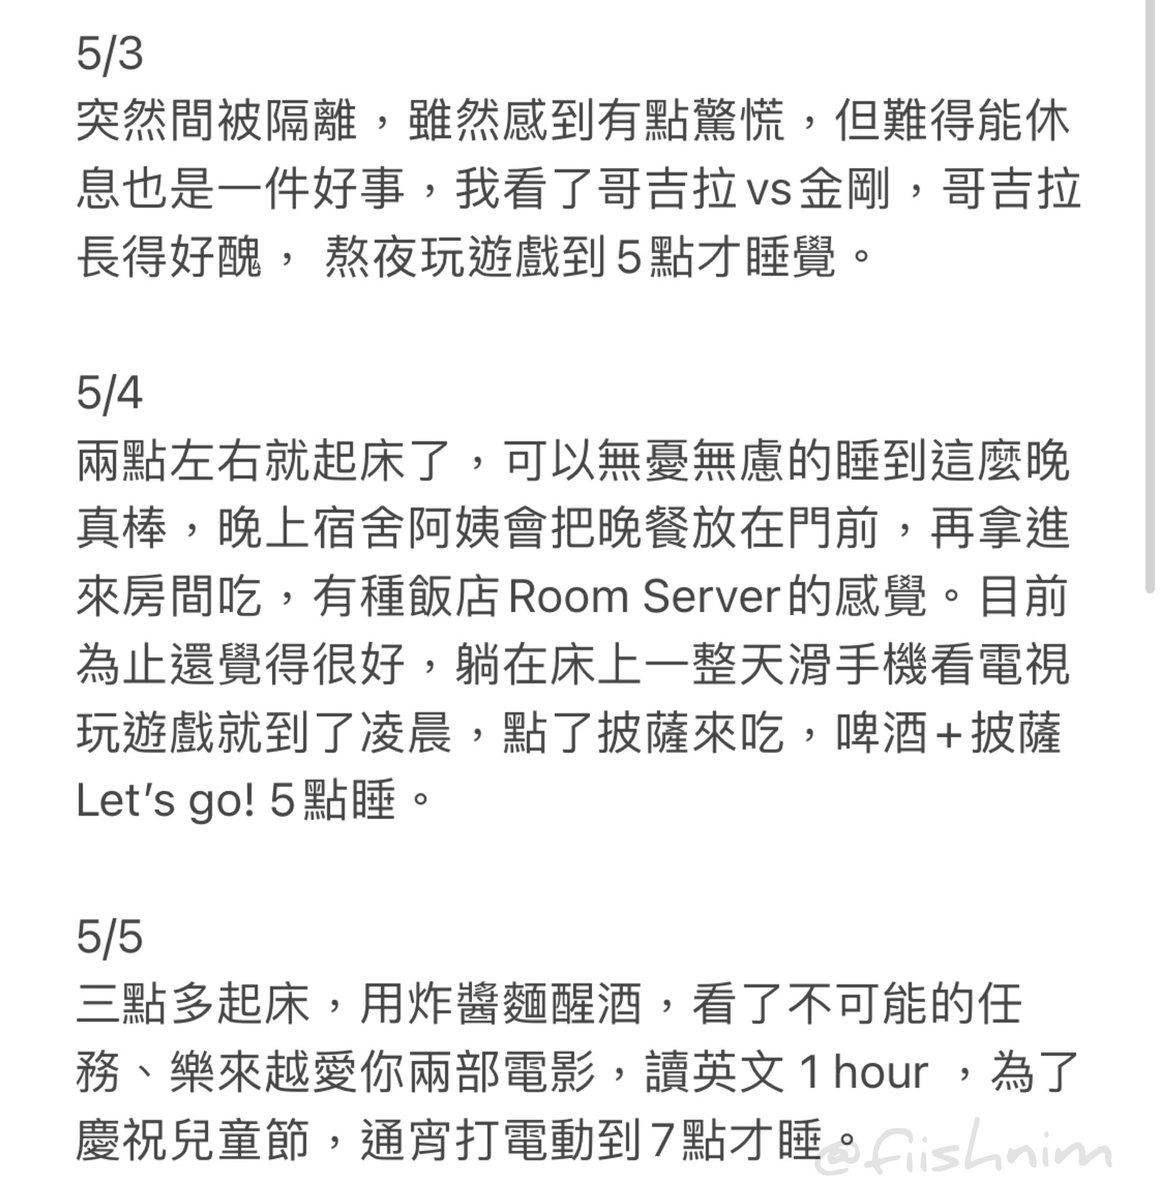 [分享] 210503-12 銀赫的居家隔離日記